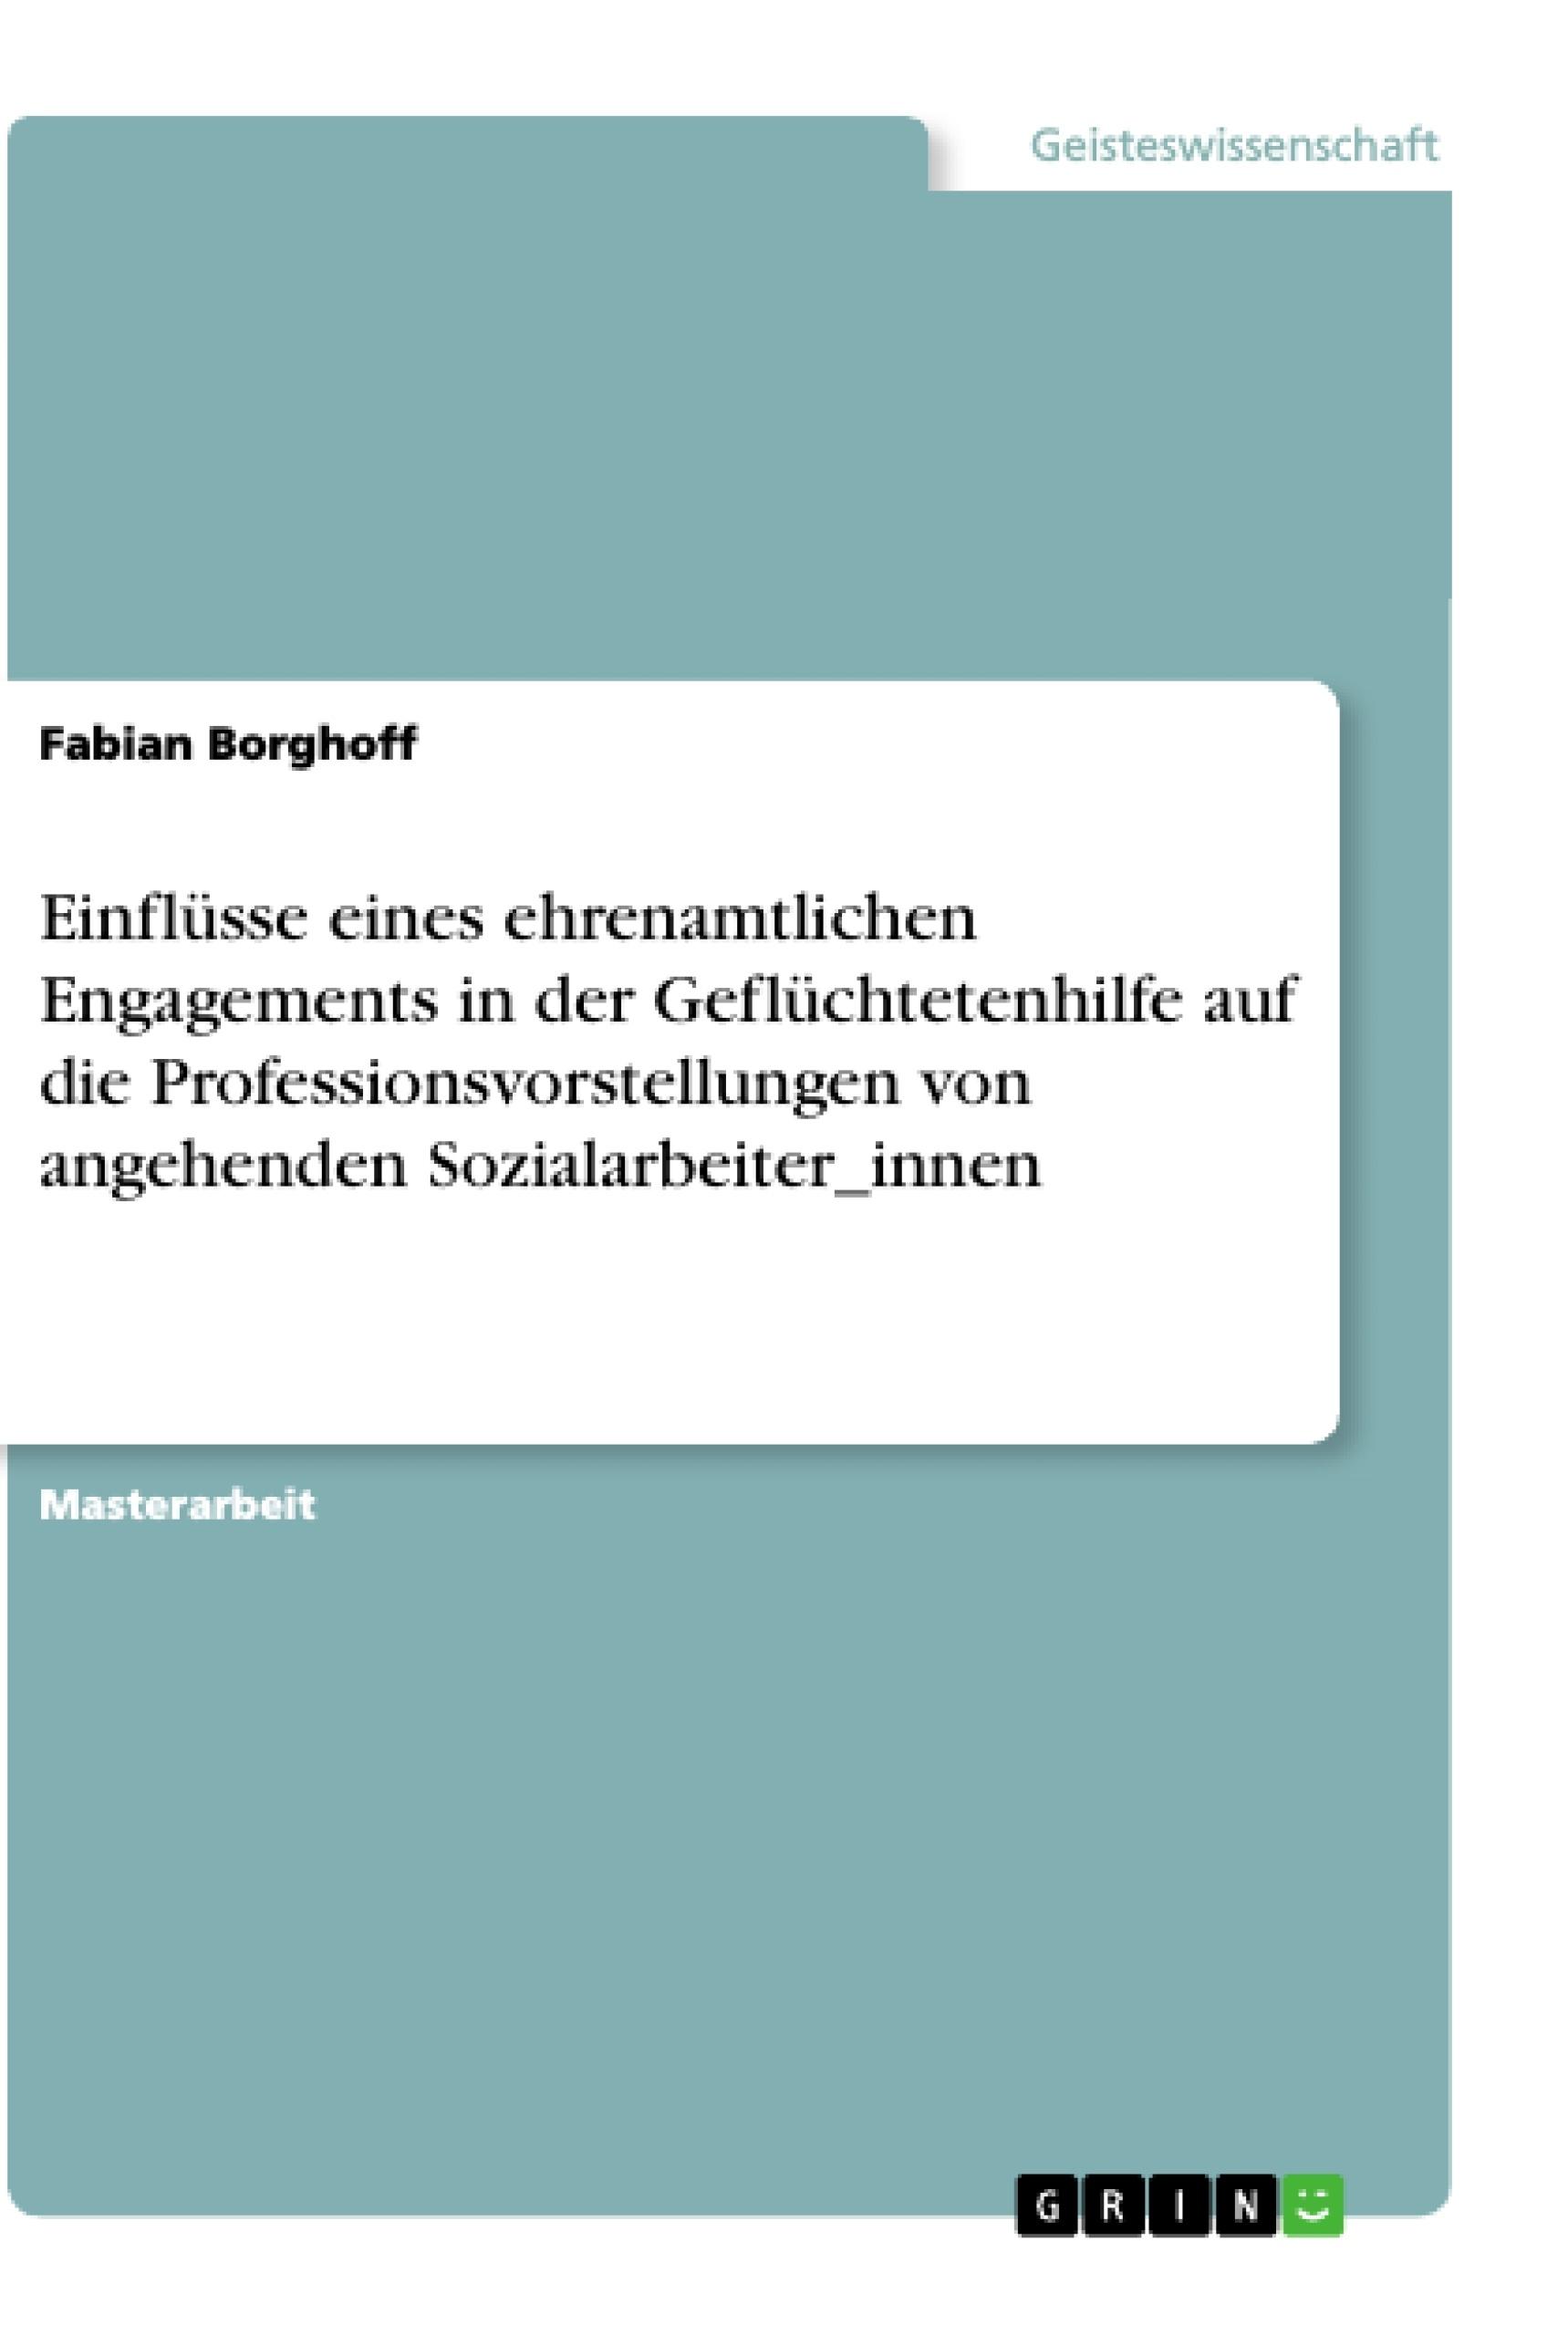 Titel: Einflüsse eines ehrenamtlichen Engagements in der Geflüchtetenhilfe auf die Professionsvorstellungen von angehenden Sozialarbeiter_innen